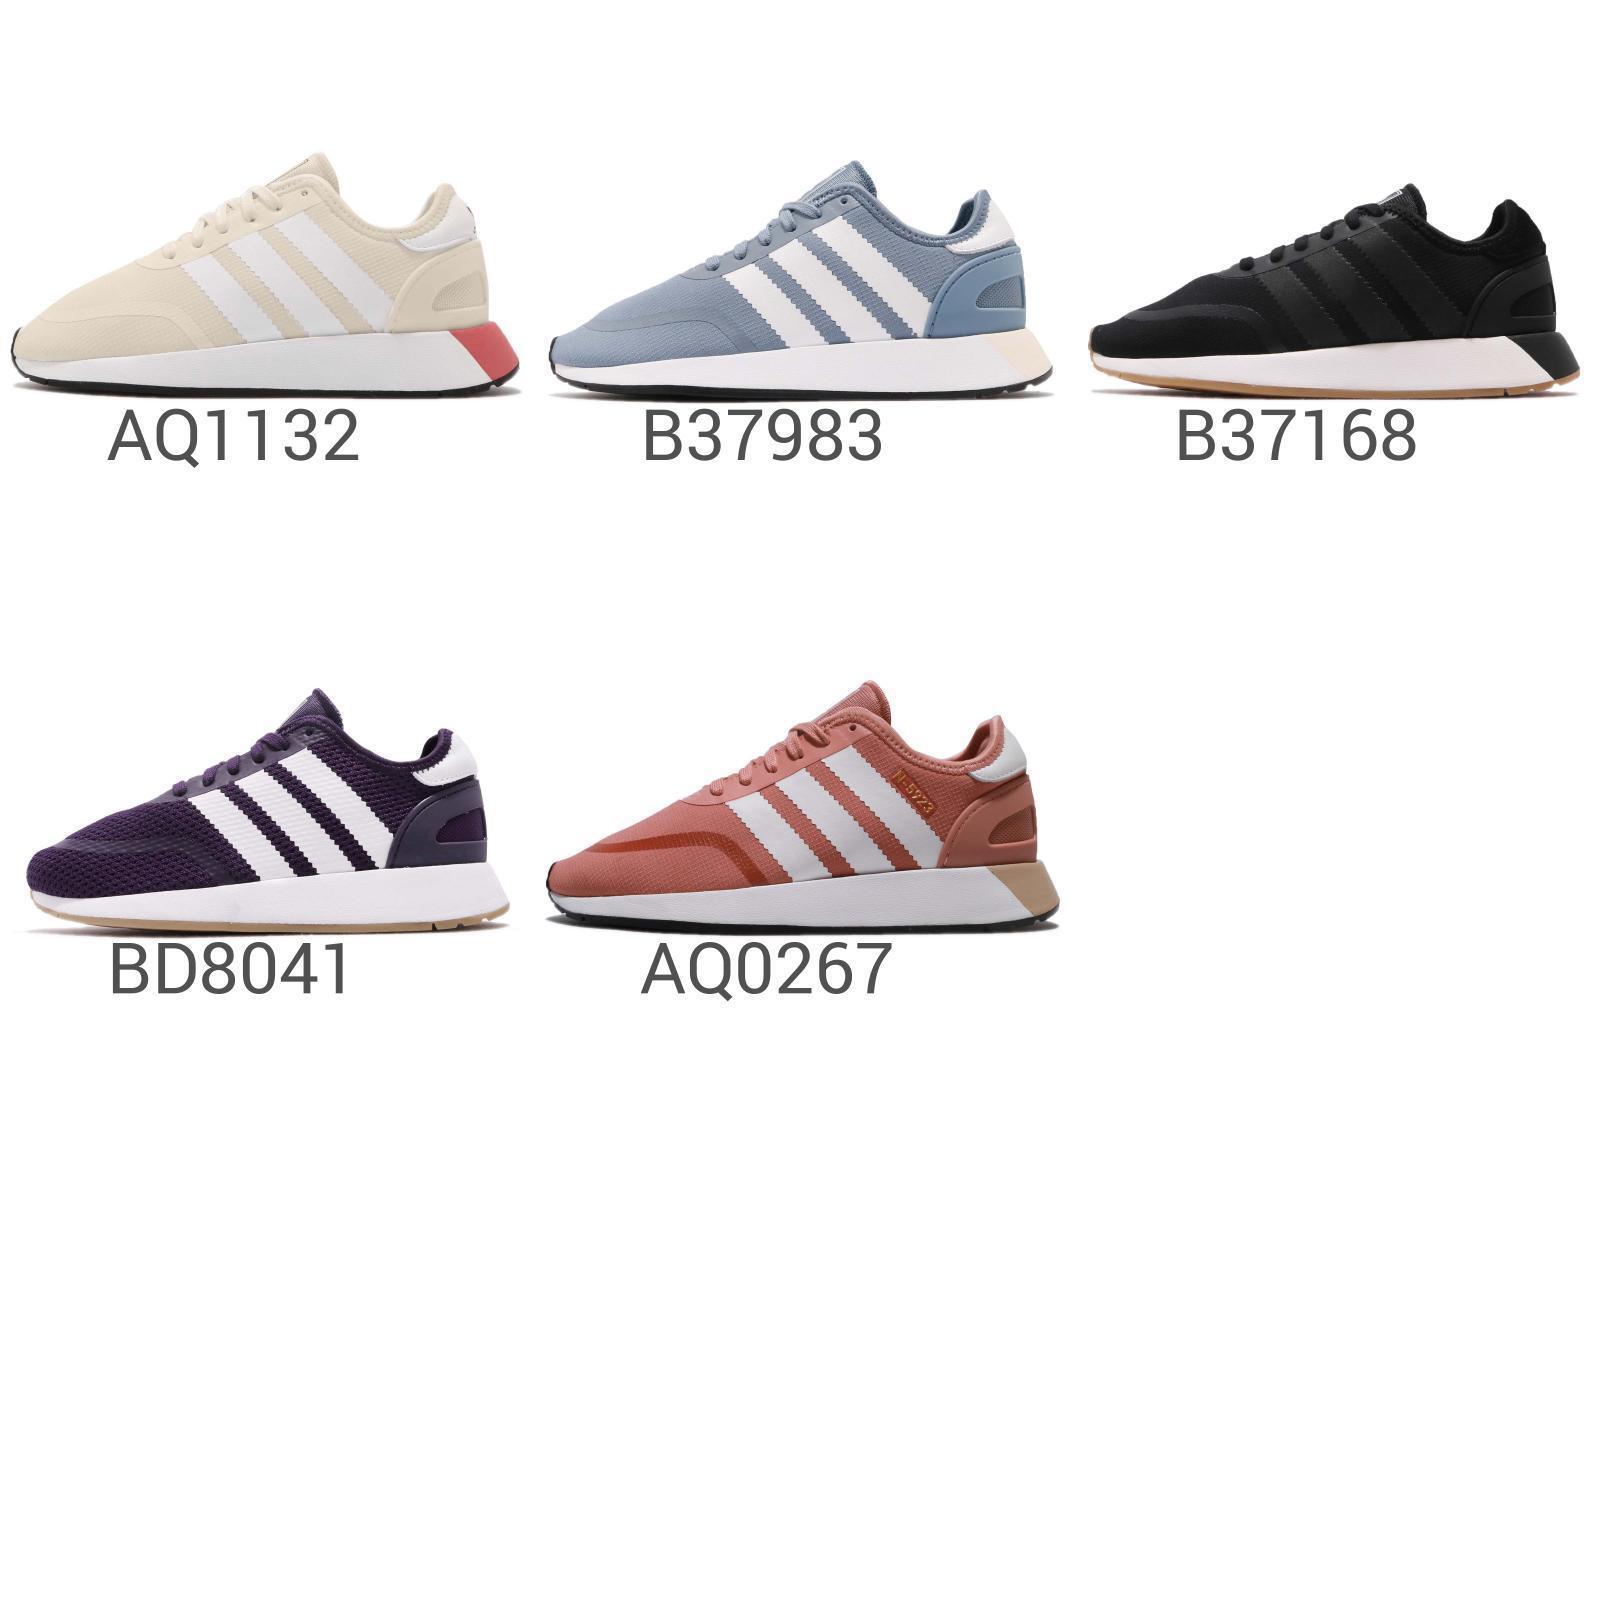 Adidas originali n-5923 w iniki runner promuovere donne scarpe da corsa da ginnastica - 1   A Basso Costo    Maschio/Ragazze Scarpa